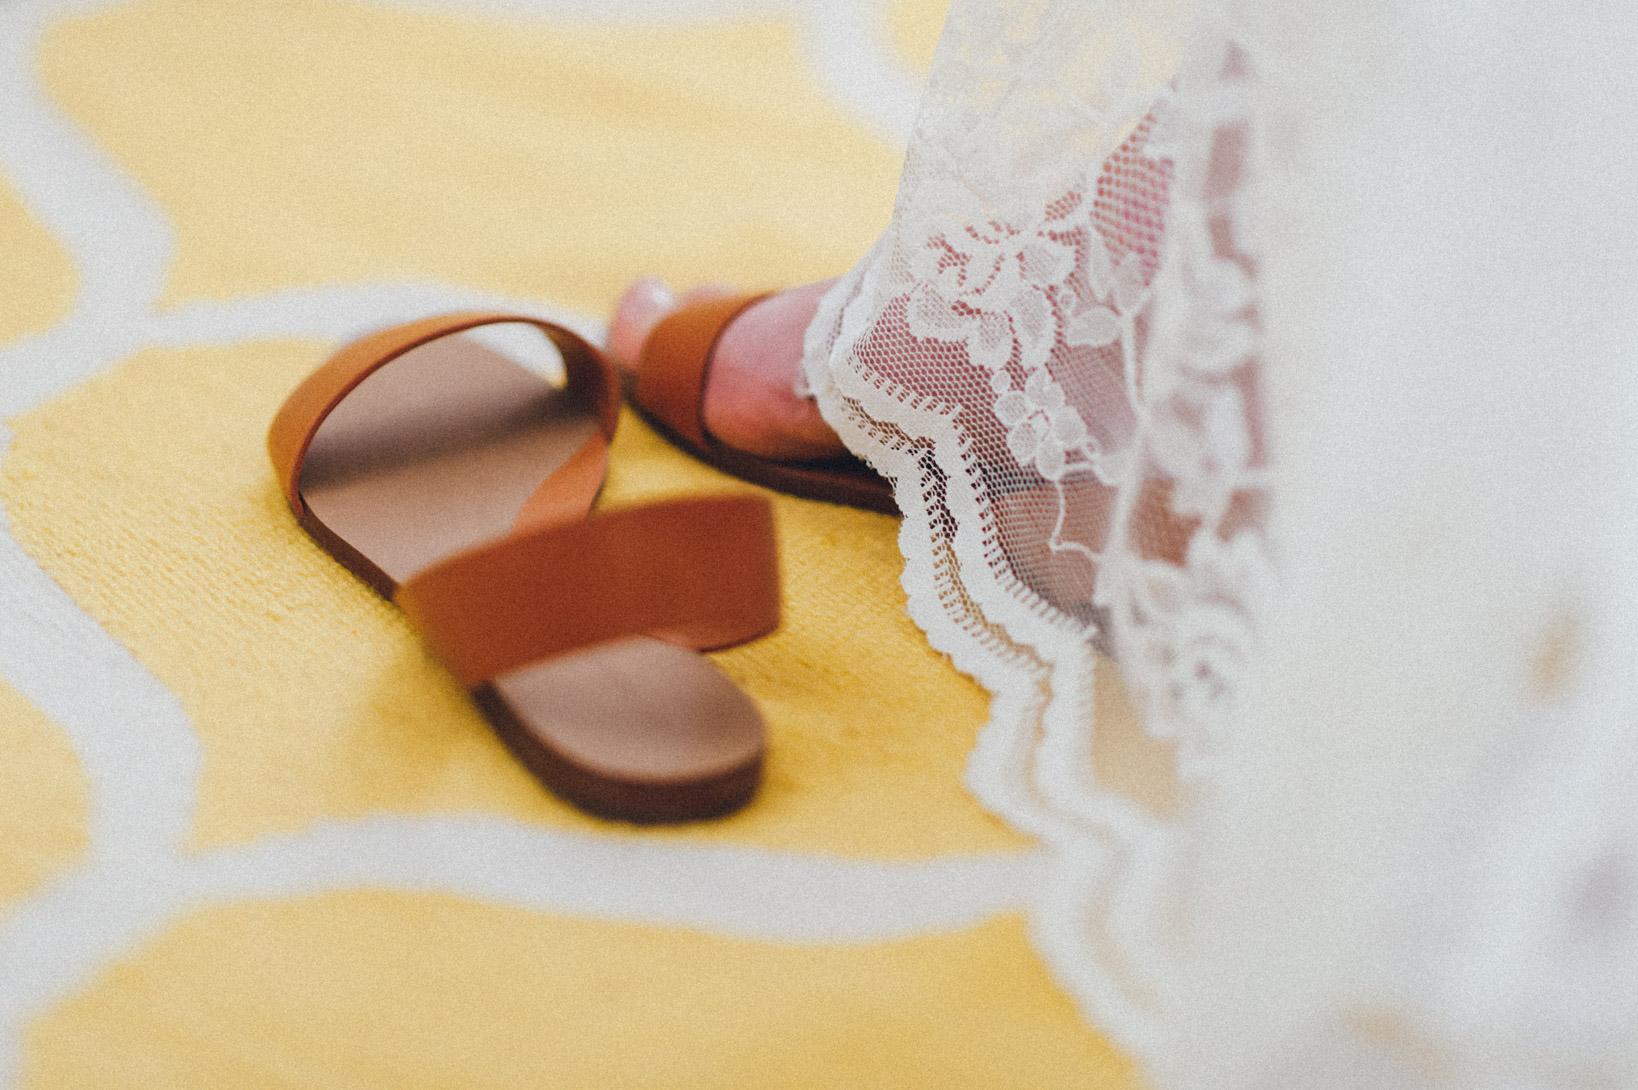 DIY-Hochzeit-gold-VW-Bully-19 Janet & Pierre DIY Midsummer-Wedding in Gold mit VW BulliDIY Hochzeit gold VW Bully 19